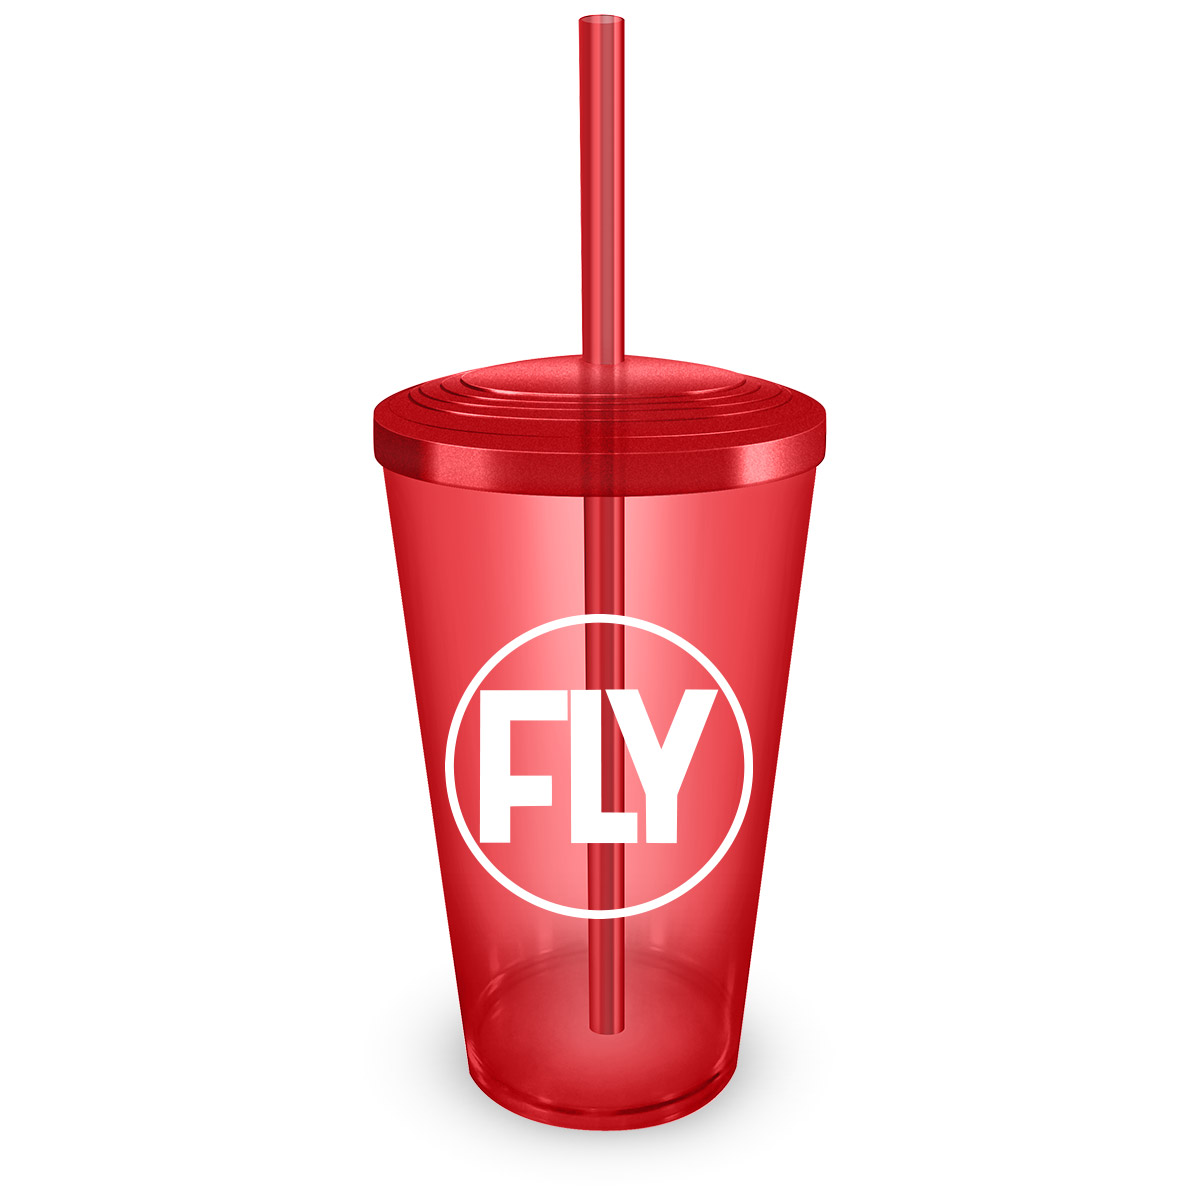 Copo Acrílico Vermelho com Canudo Banda Fly Logo